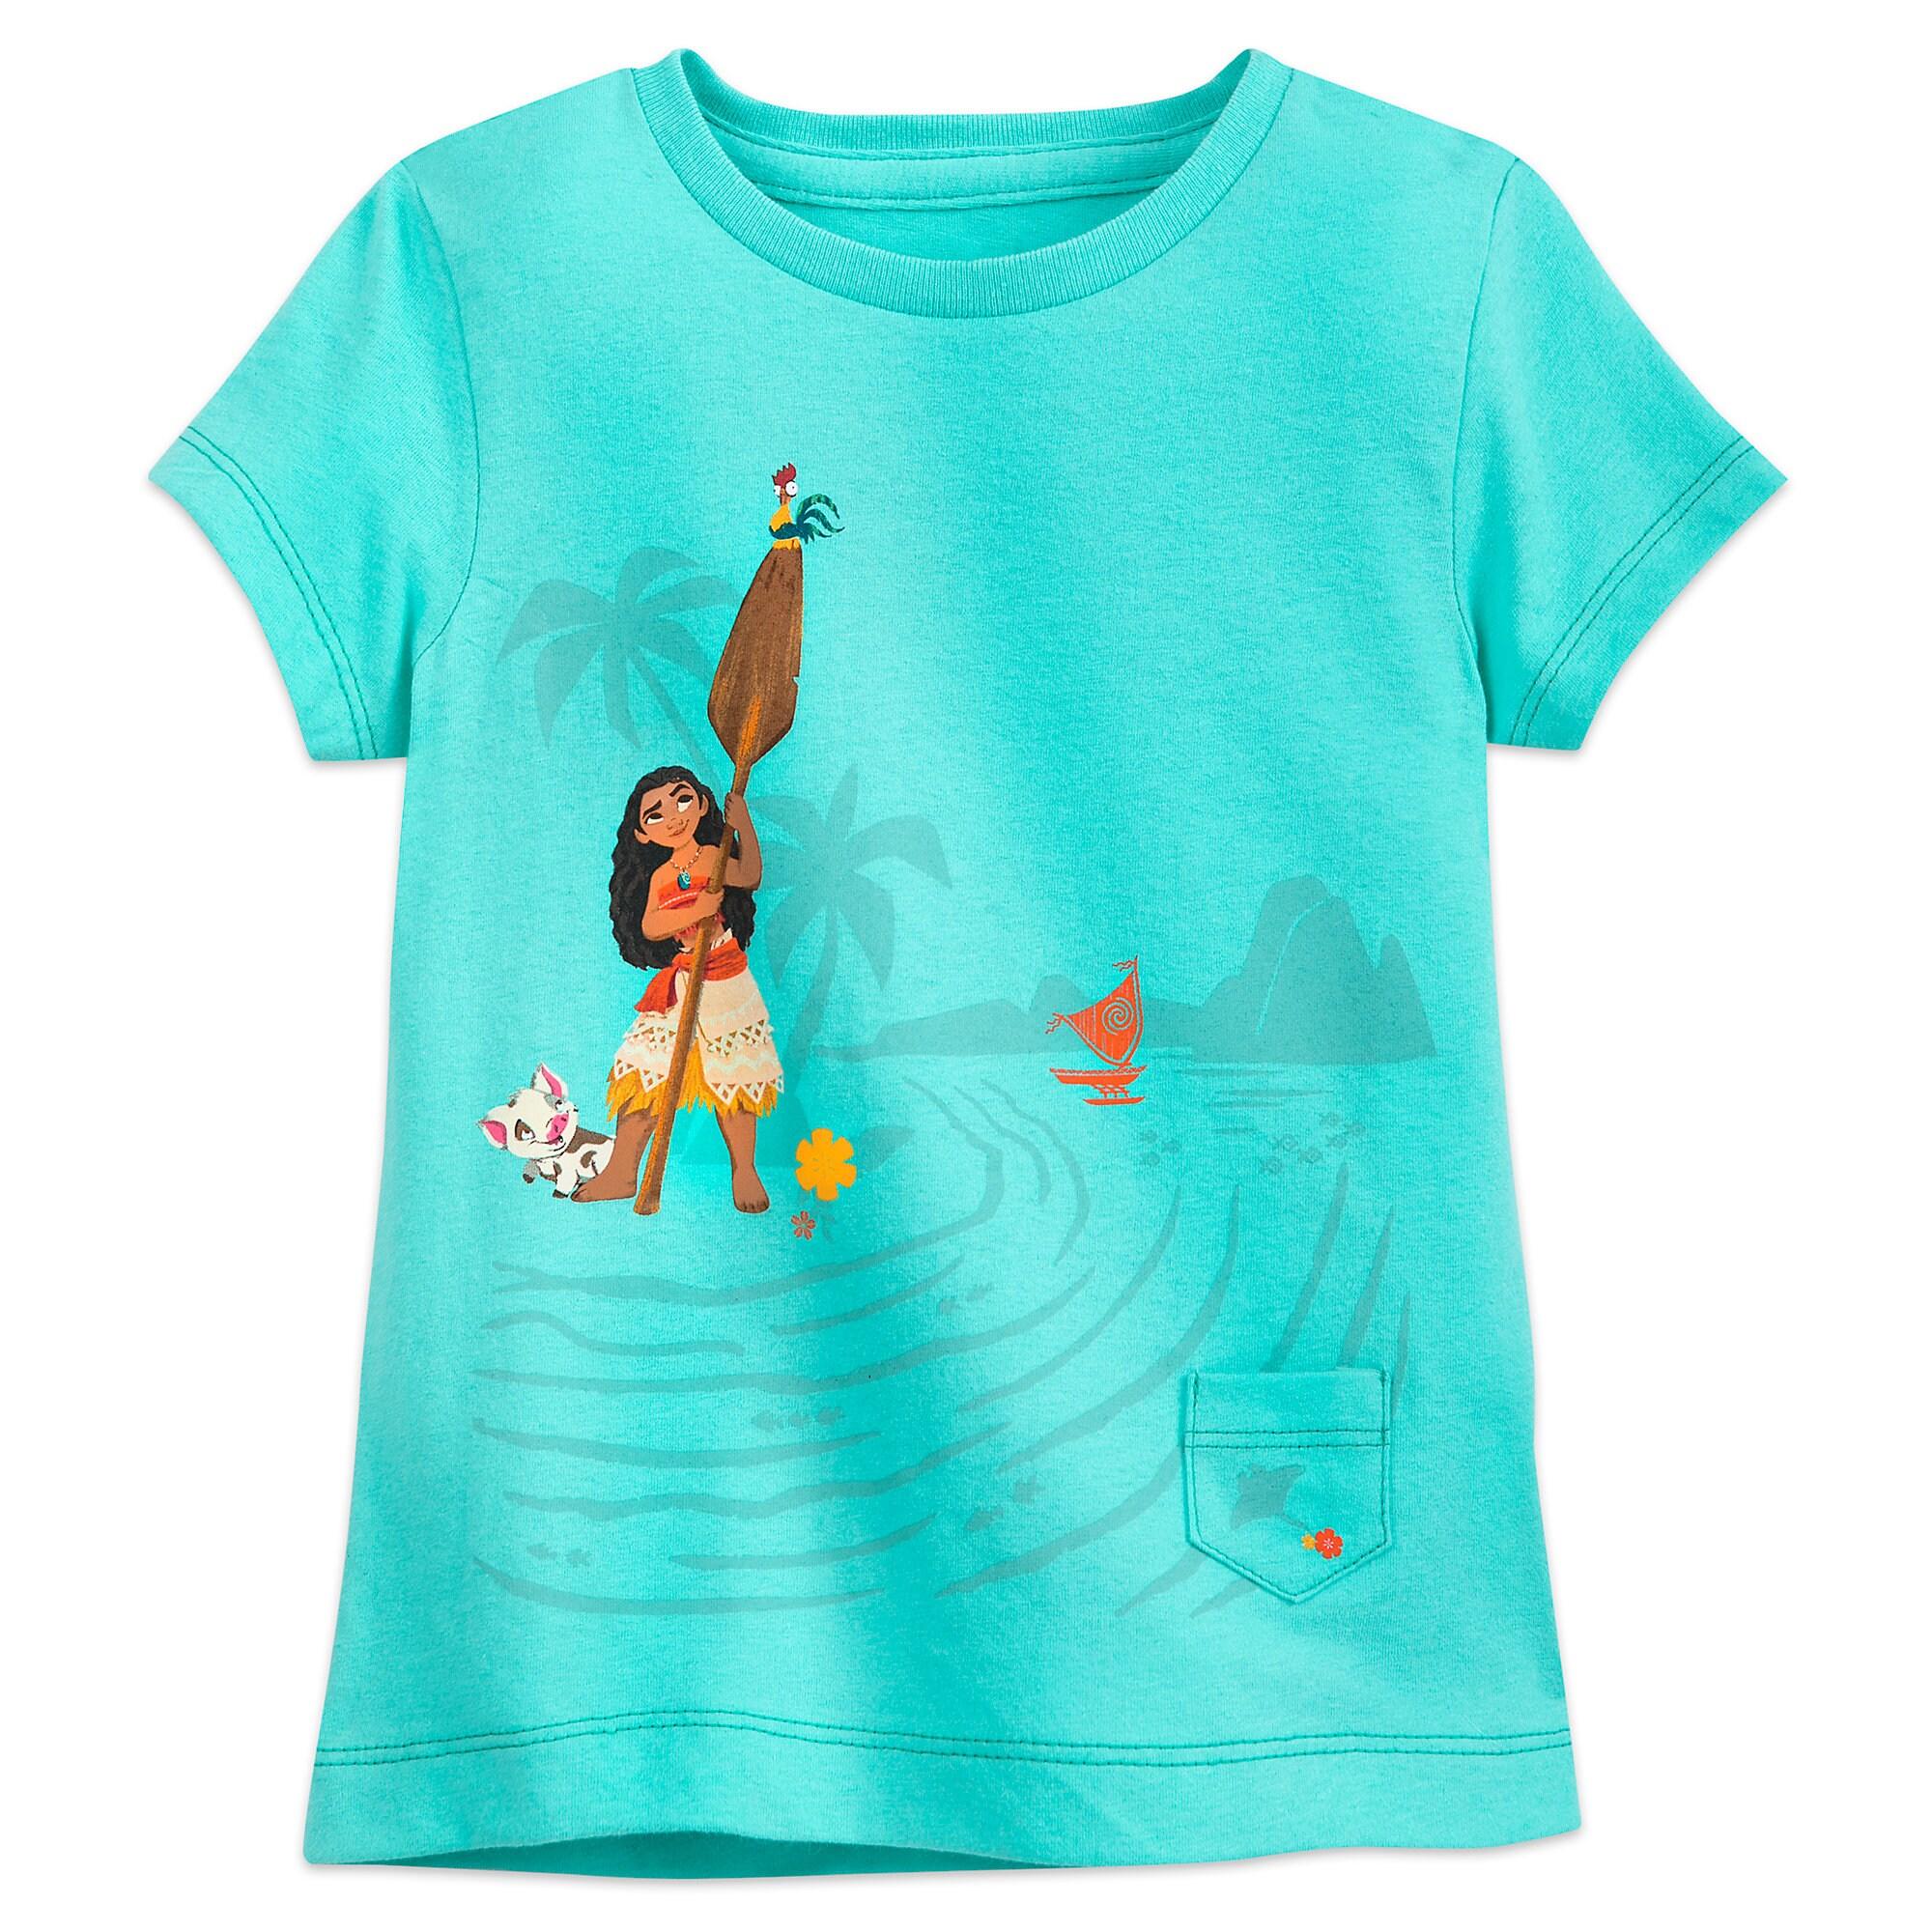 Moana T-Shirt for Girls - Sea Green